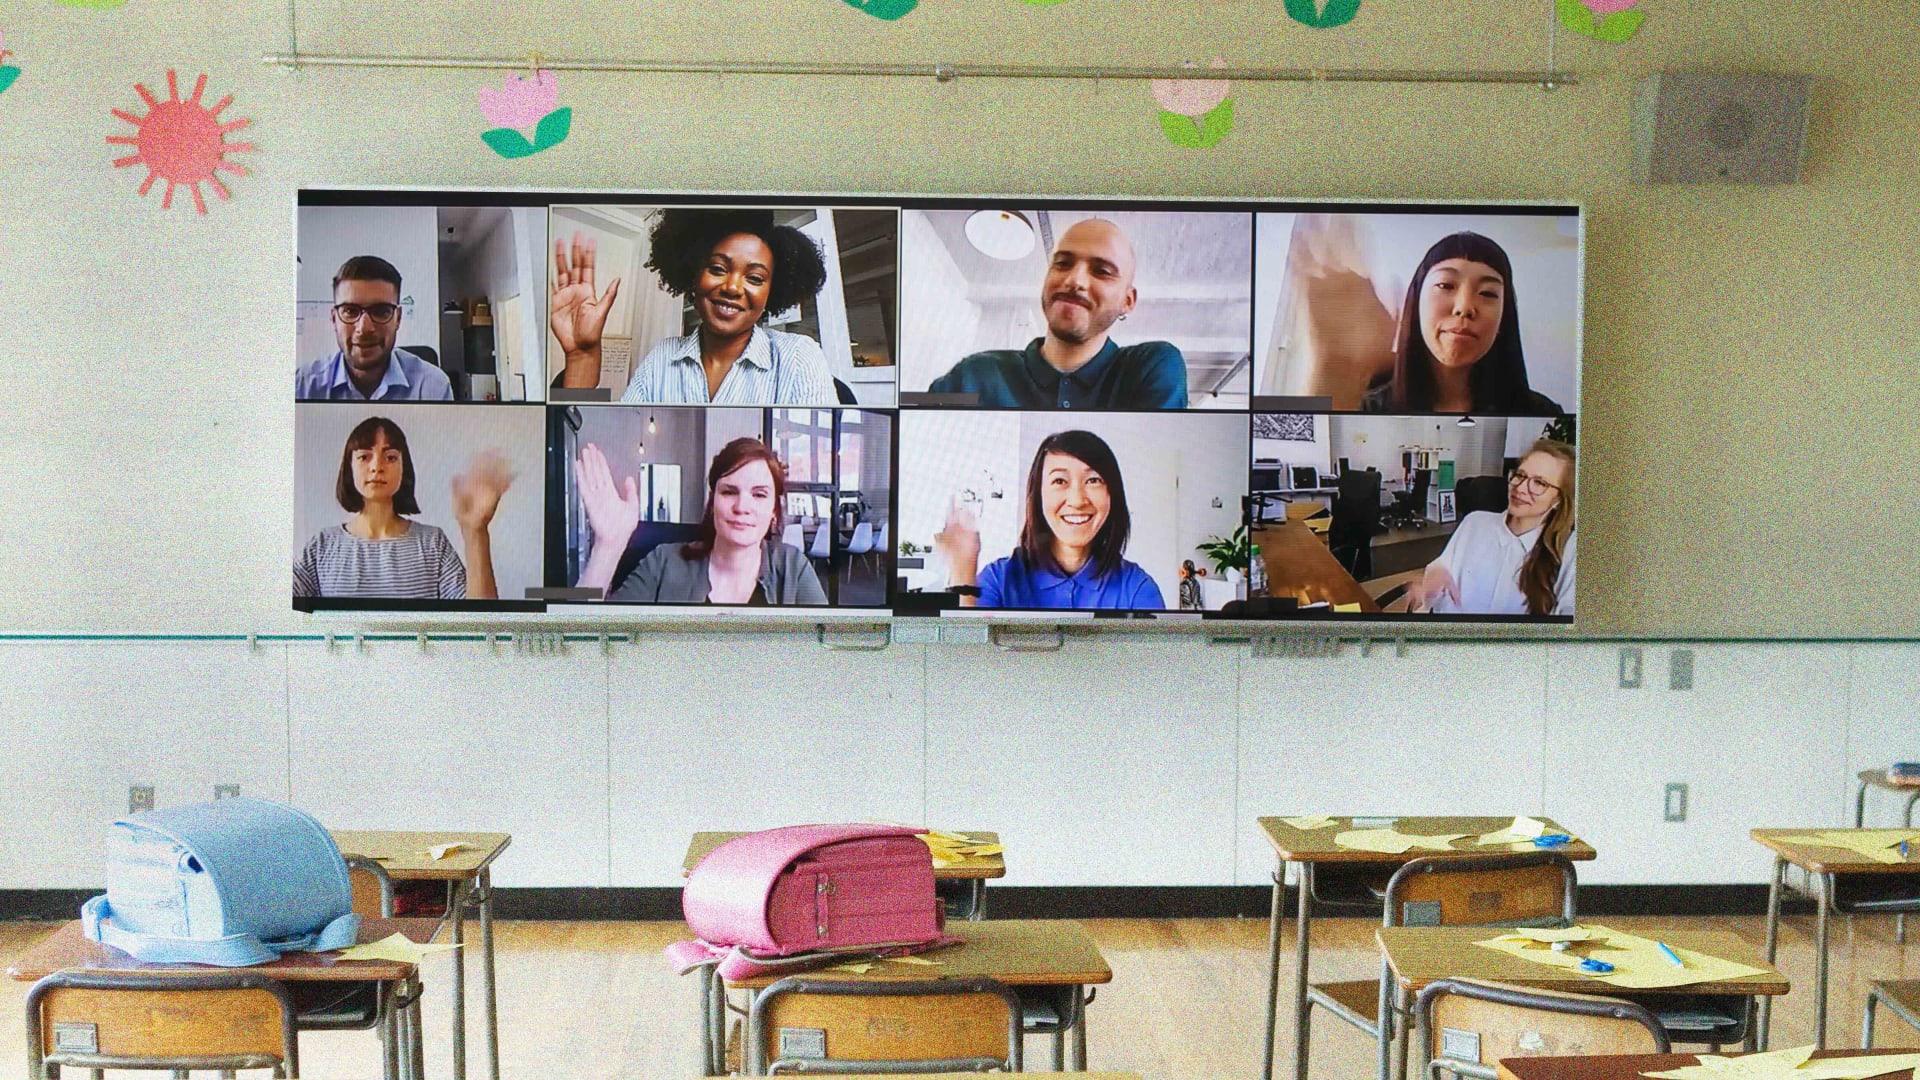 7 Ways Zoom Makes Company Calls Feel Like 7th Grade